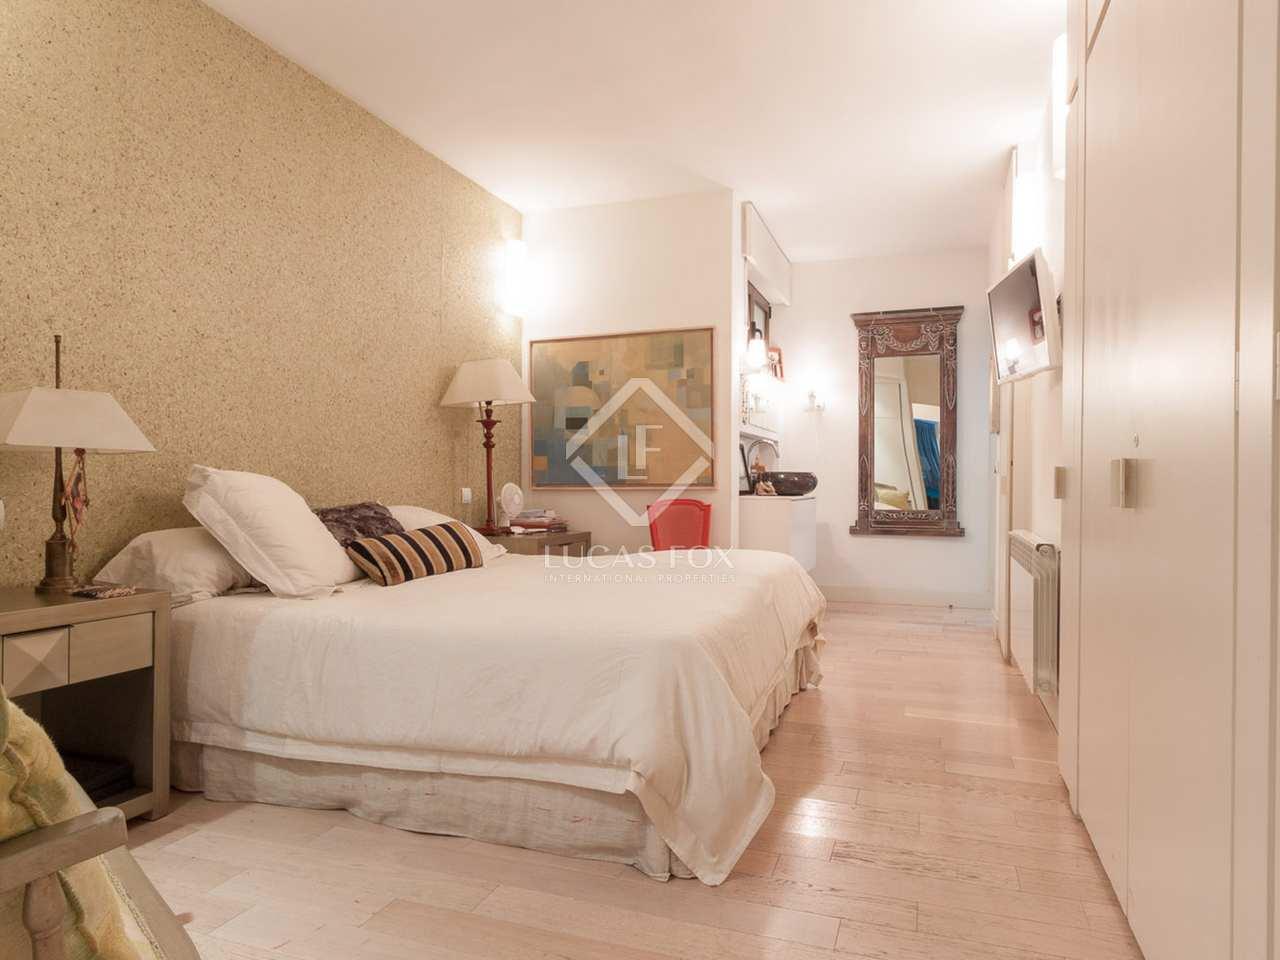 Apartamento con jard n y piscina en venta en madrid - Apartamentos arturo soria ...